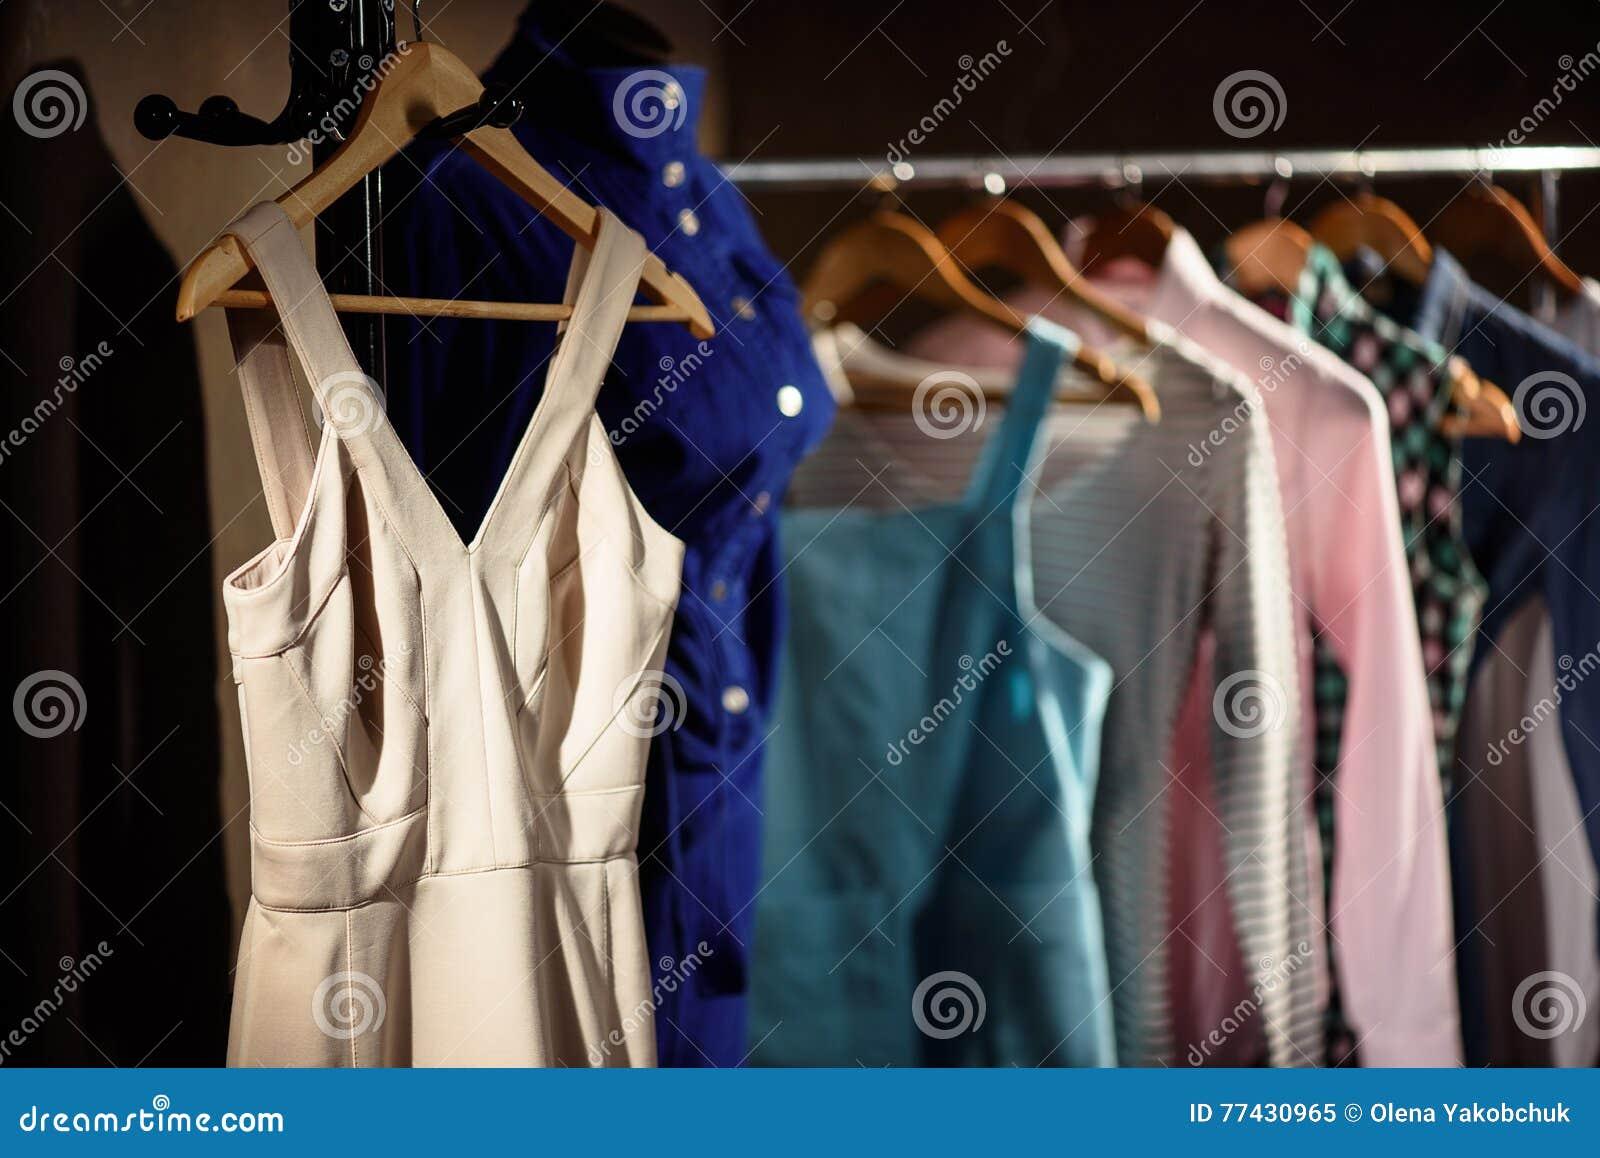 Stilvolle Kleider Auf Stand In Der Garderobe Stockbild - Bild von